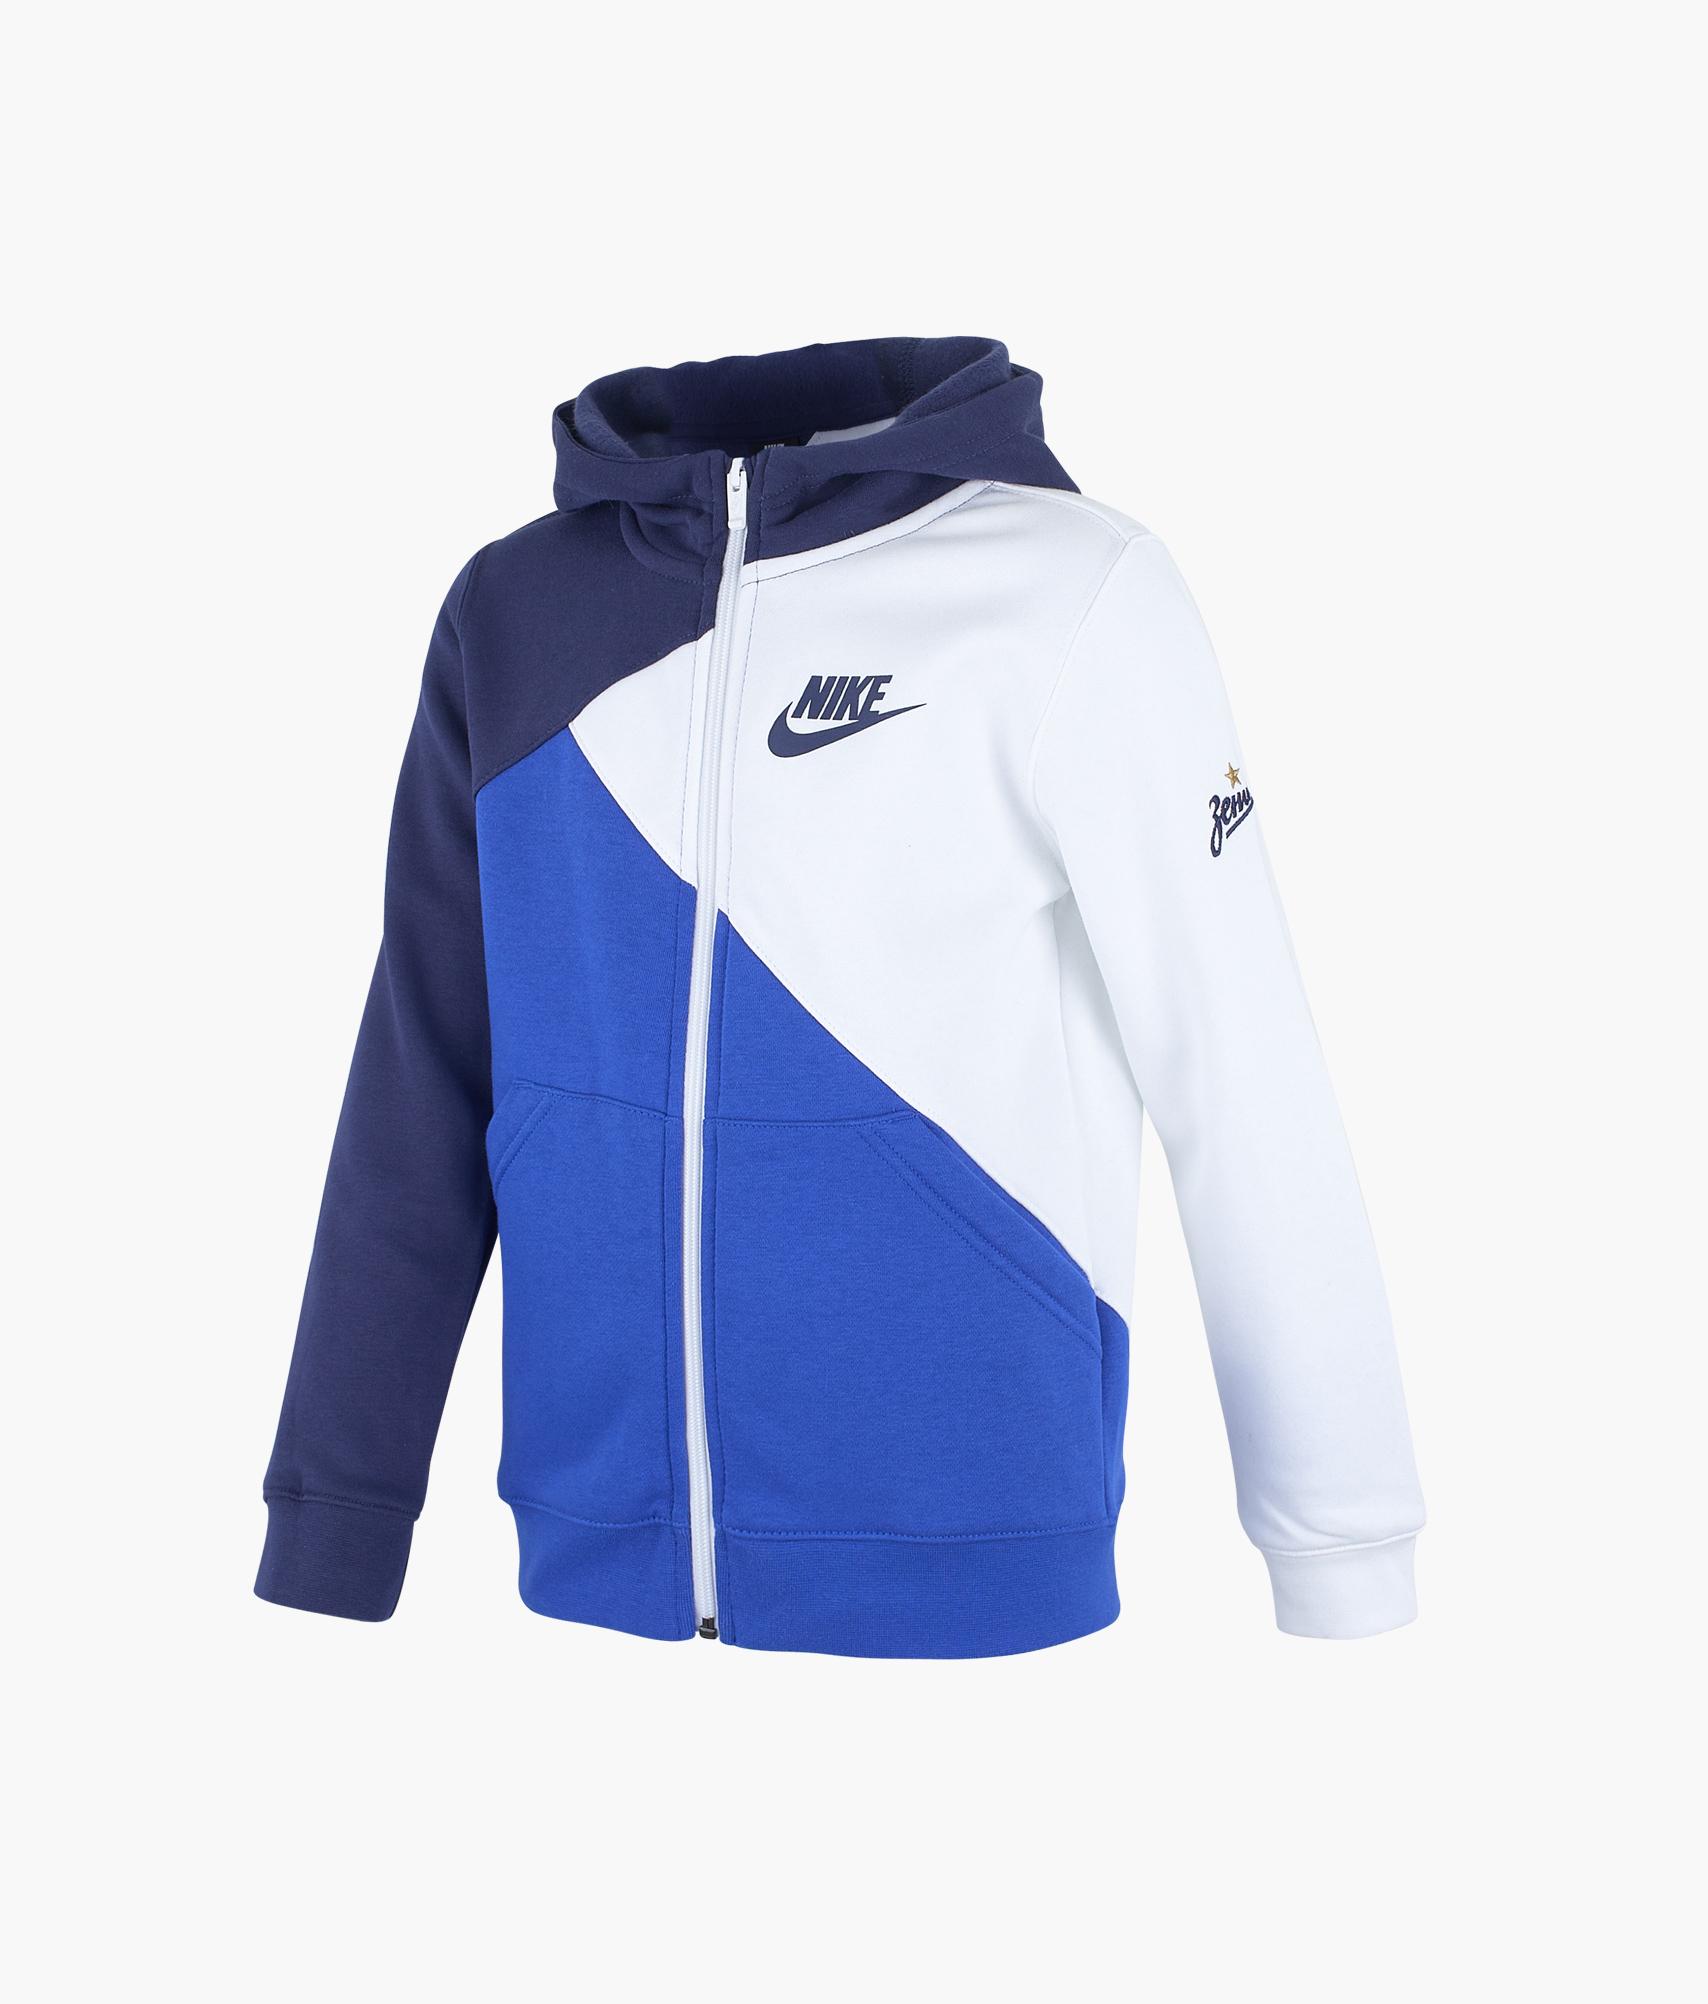 Толстовка подростковая Nike Nike Цвет-Бело-Синий куртка утепленная подростковая nike цвет синий